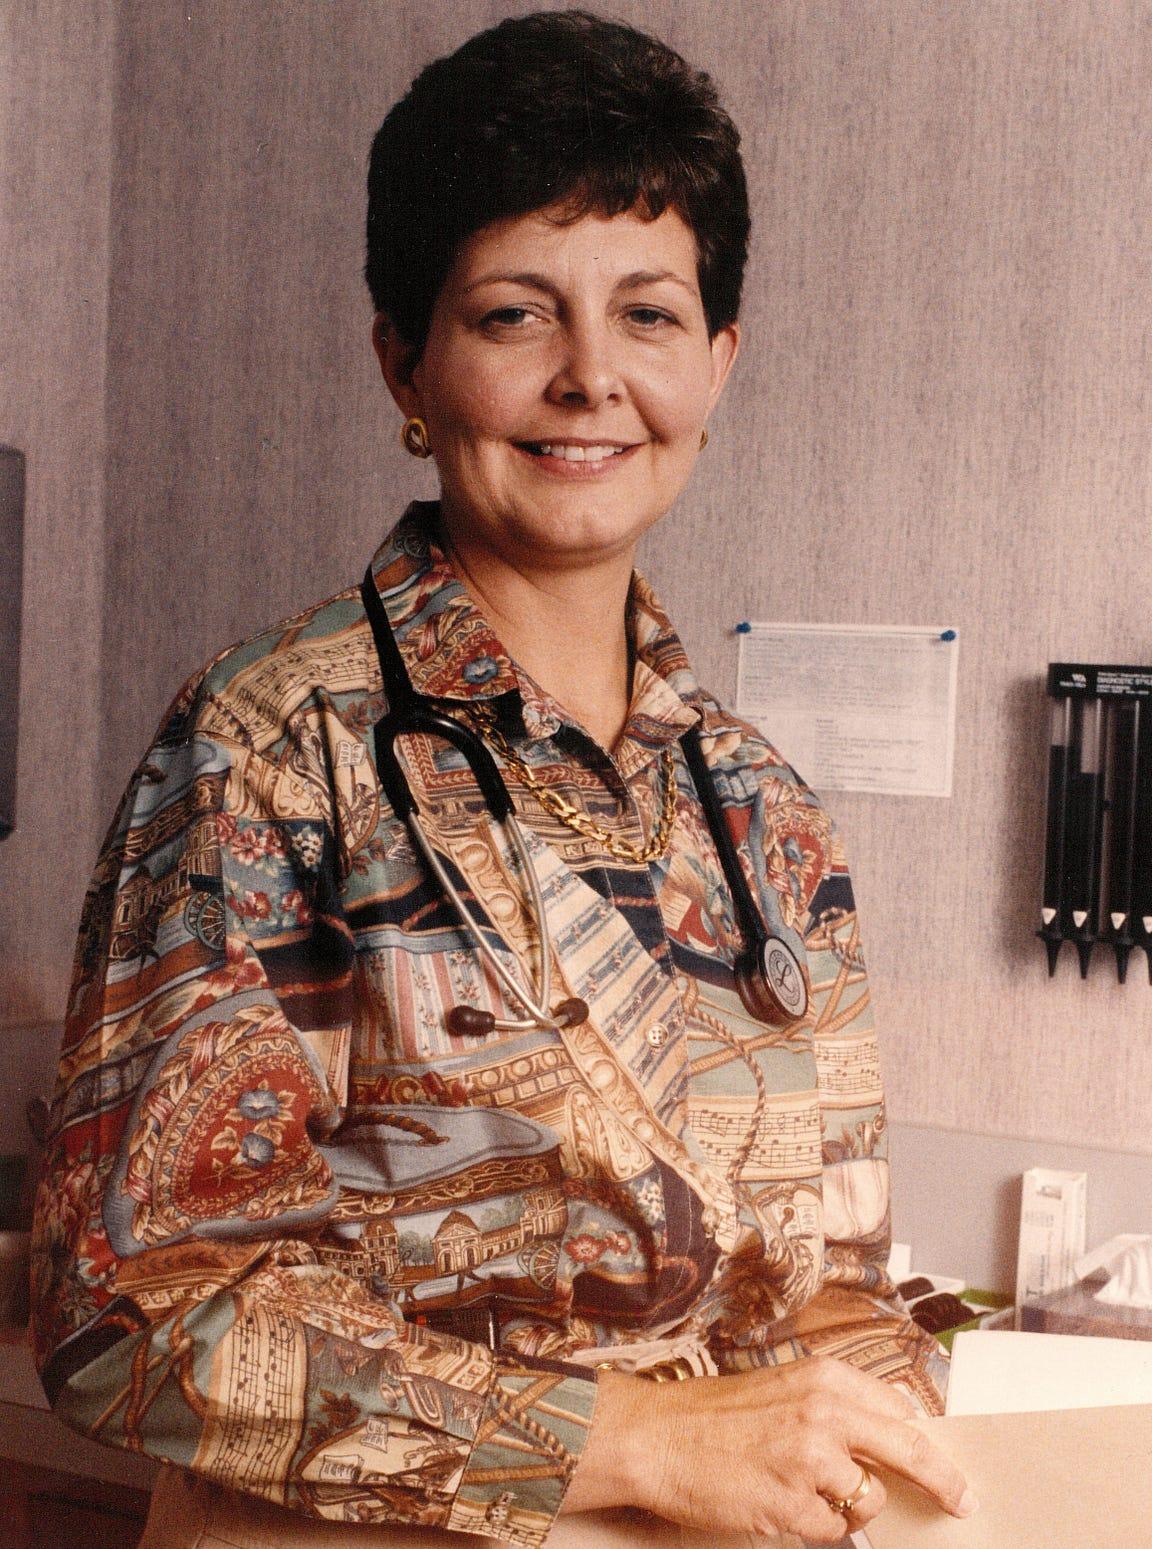 Rae Ann Hamilton in 1994.